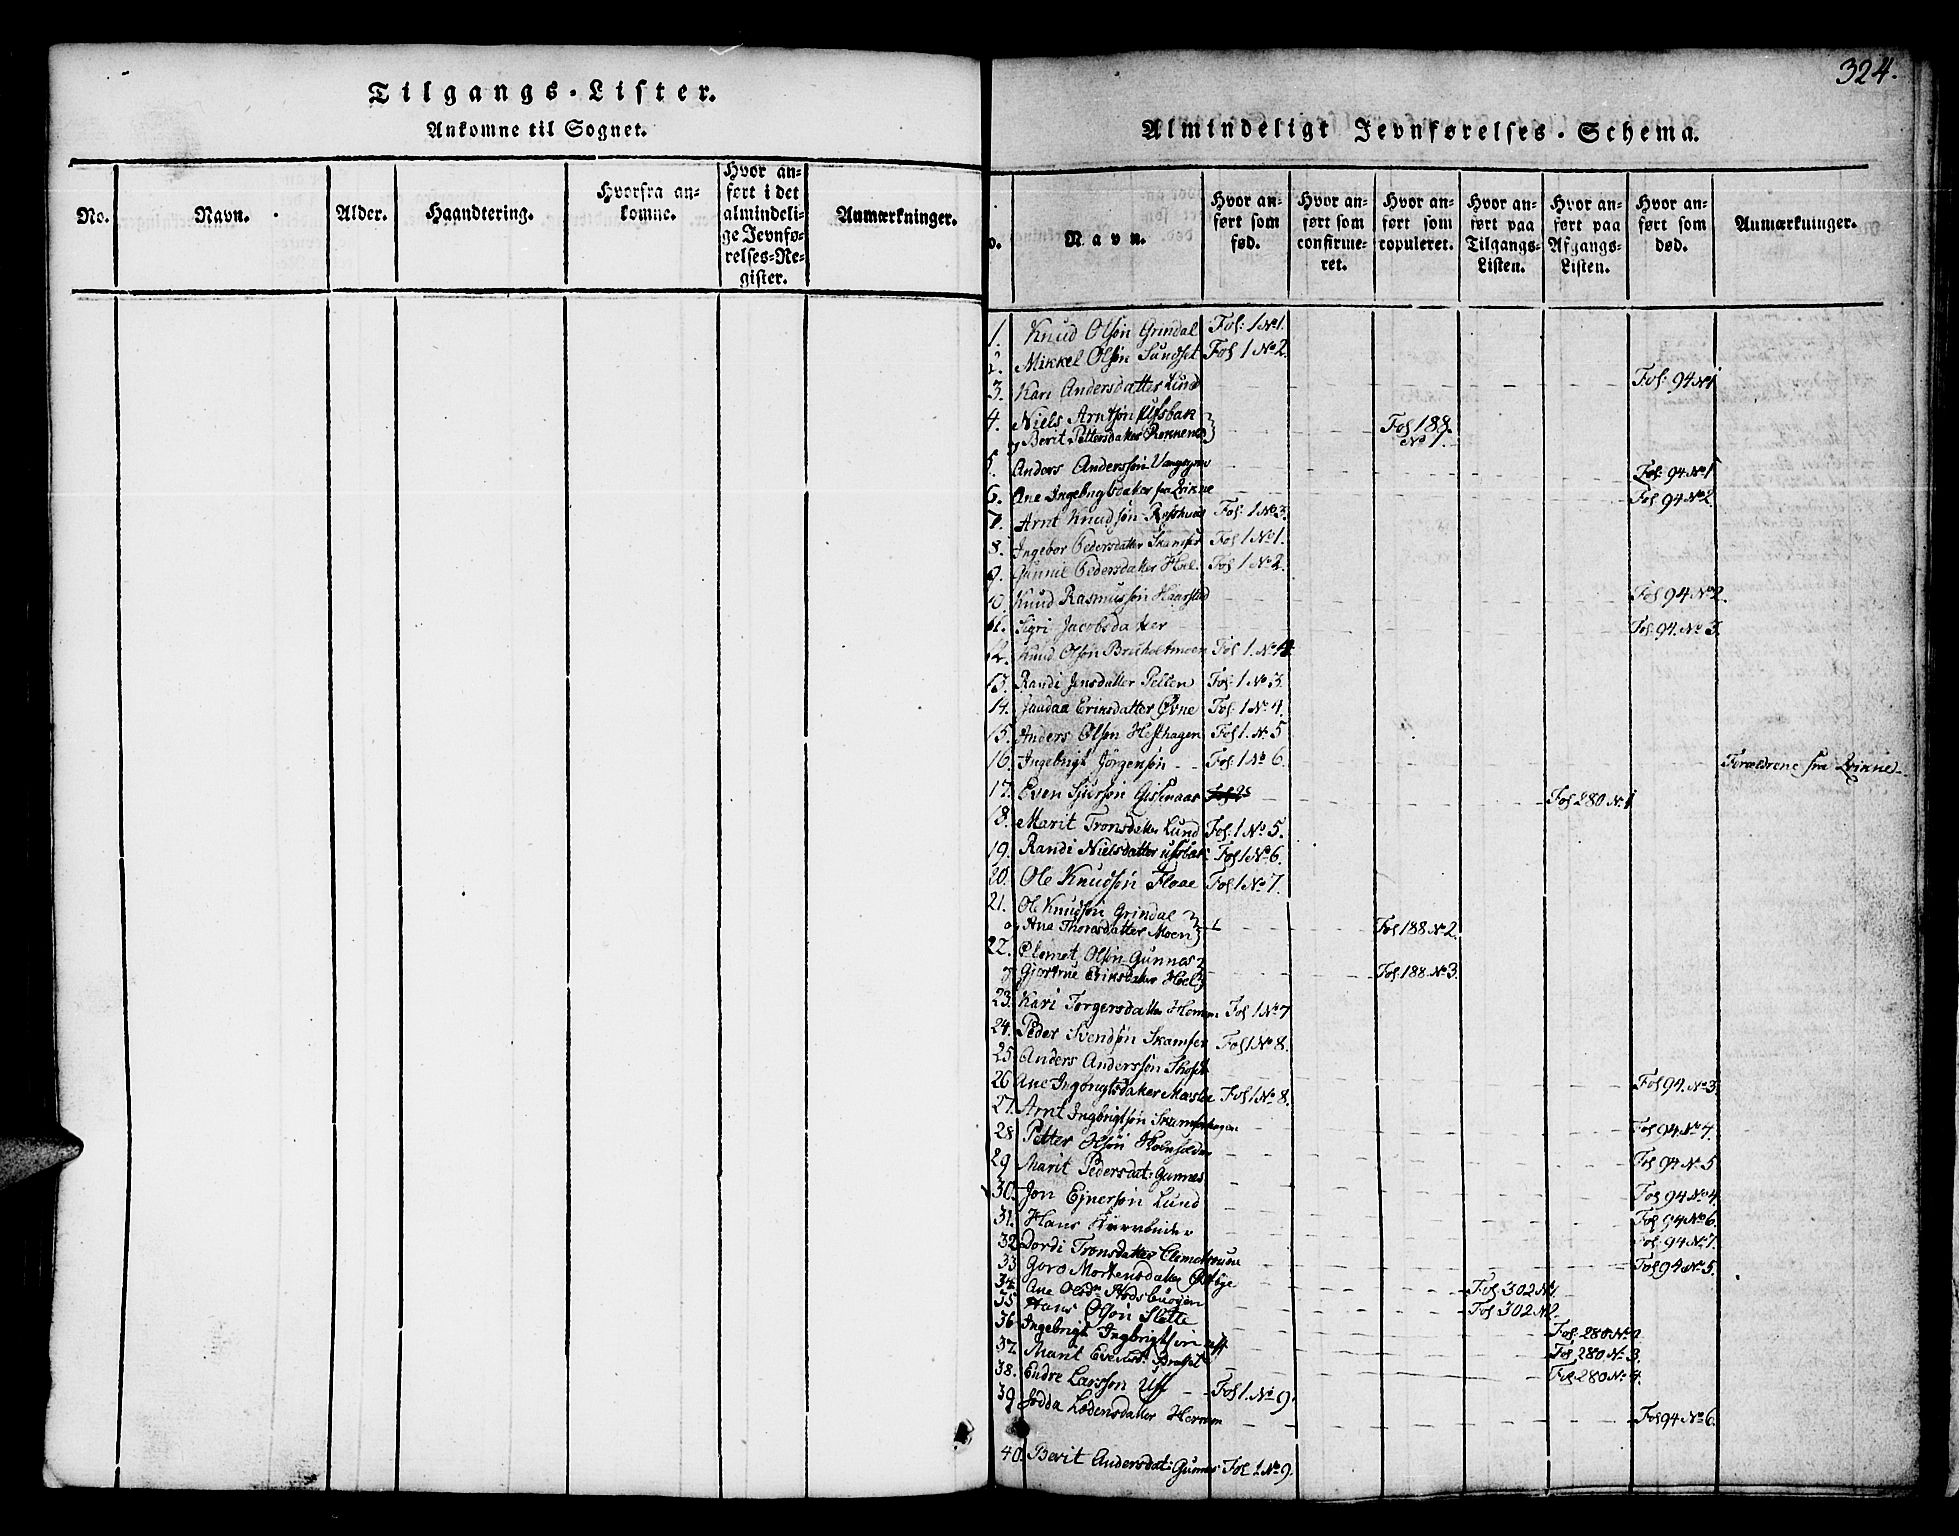 SAT, Ministerialprotokoller, klokkerbøker og fødselsregistre - Sør-Trøndelag, 674/L0874: Klokkerbok nr. 674C01, 1816-1860, s. 324